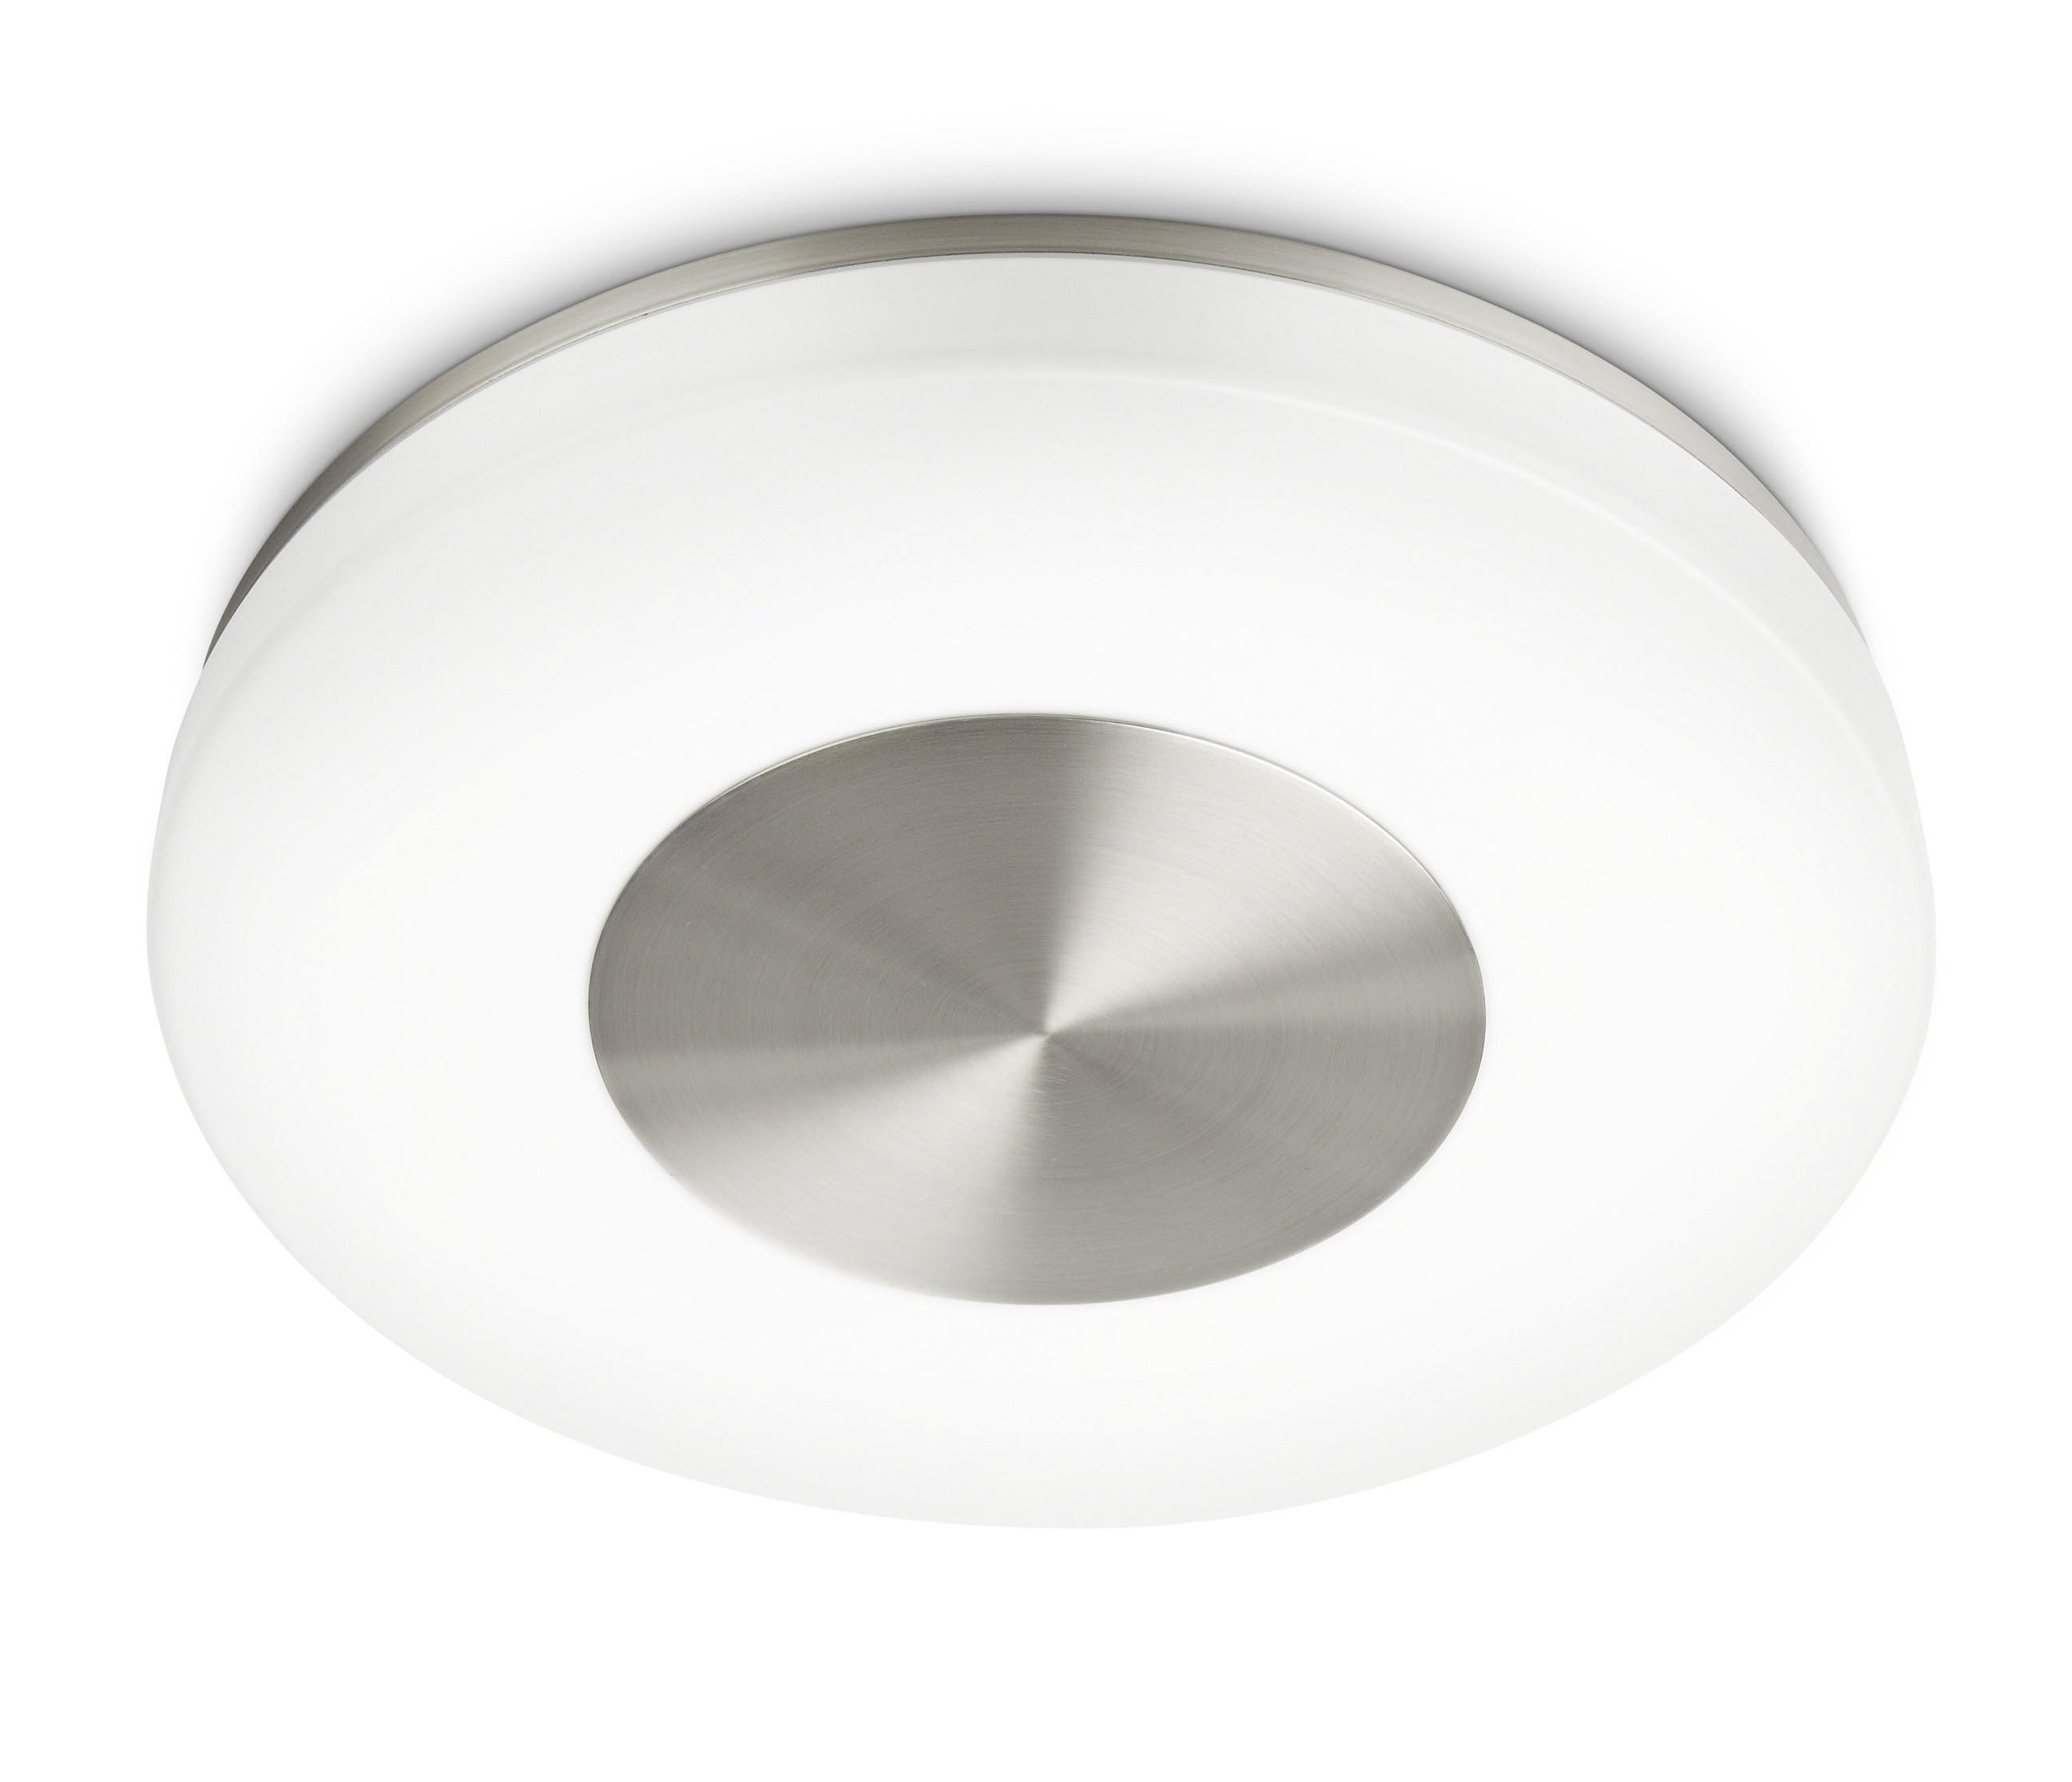 Badezimmerlampen ip65 badezimmer blog for Badezimmeruhr design